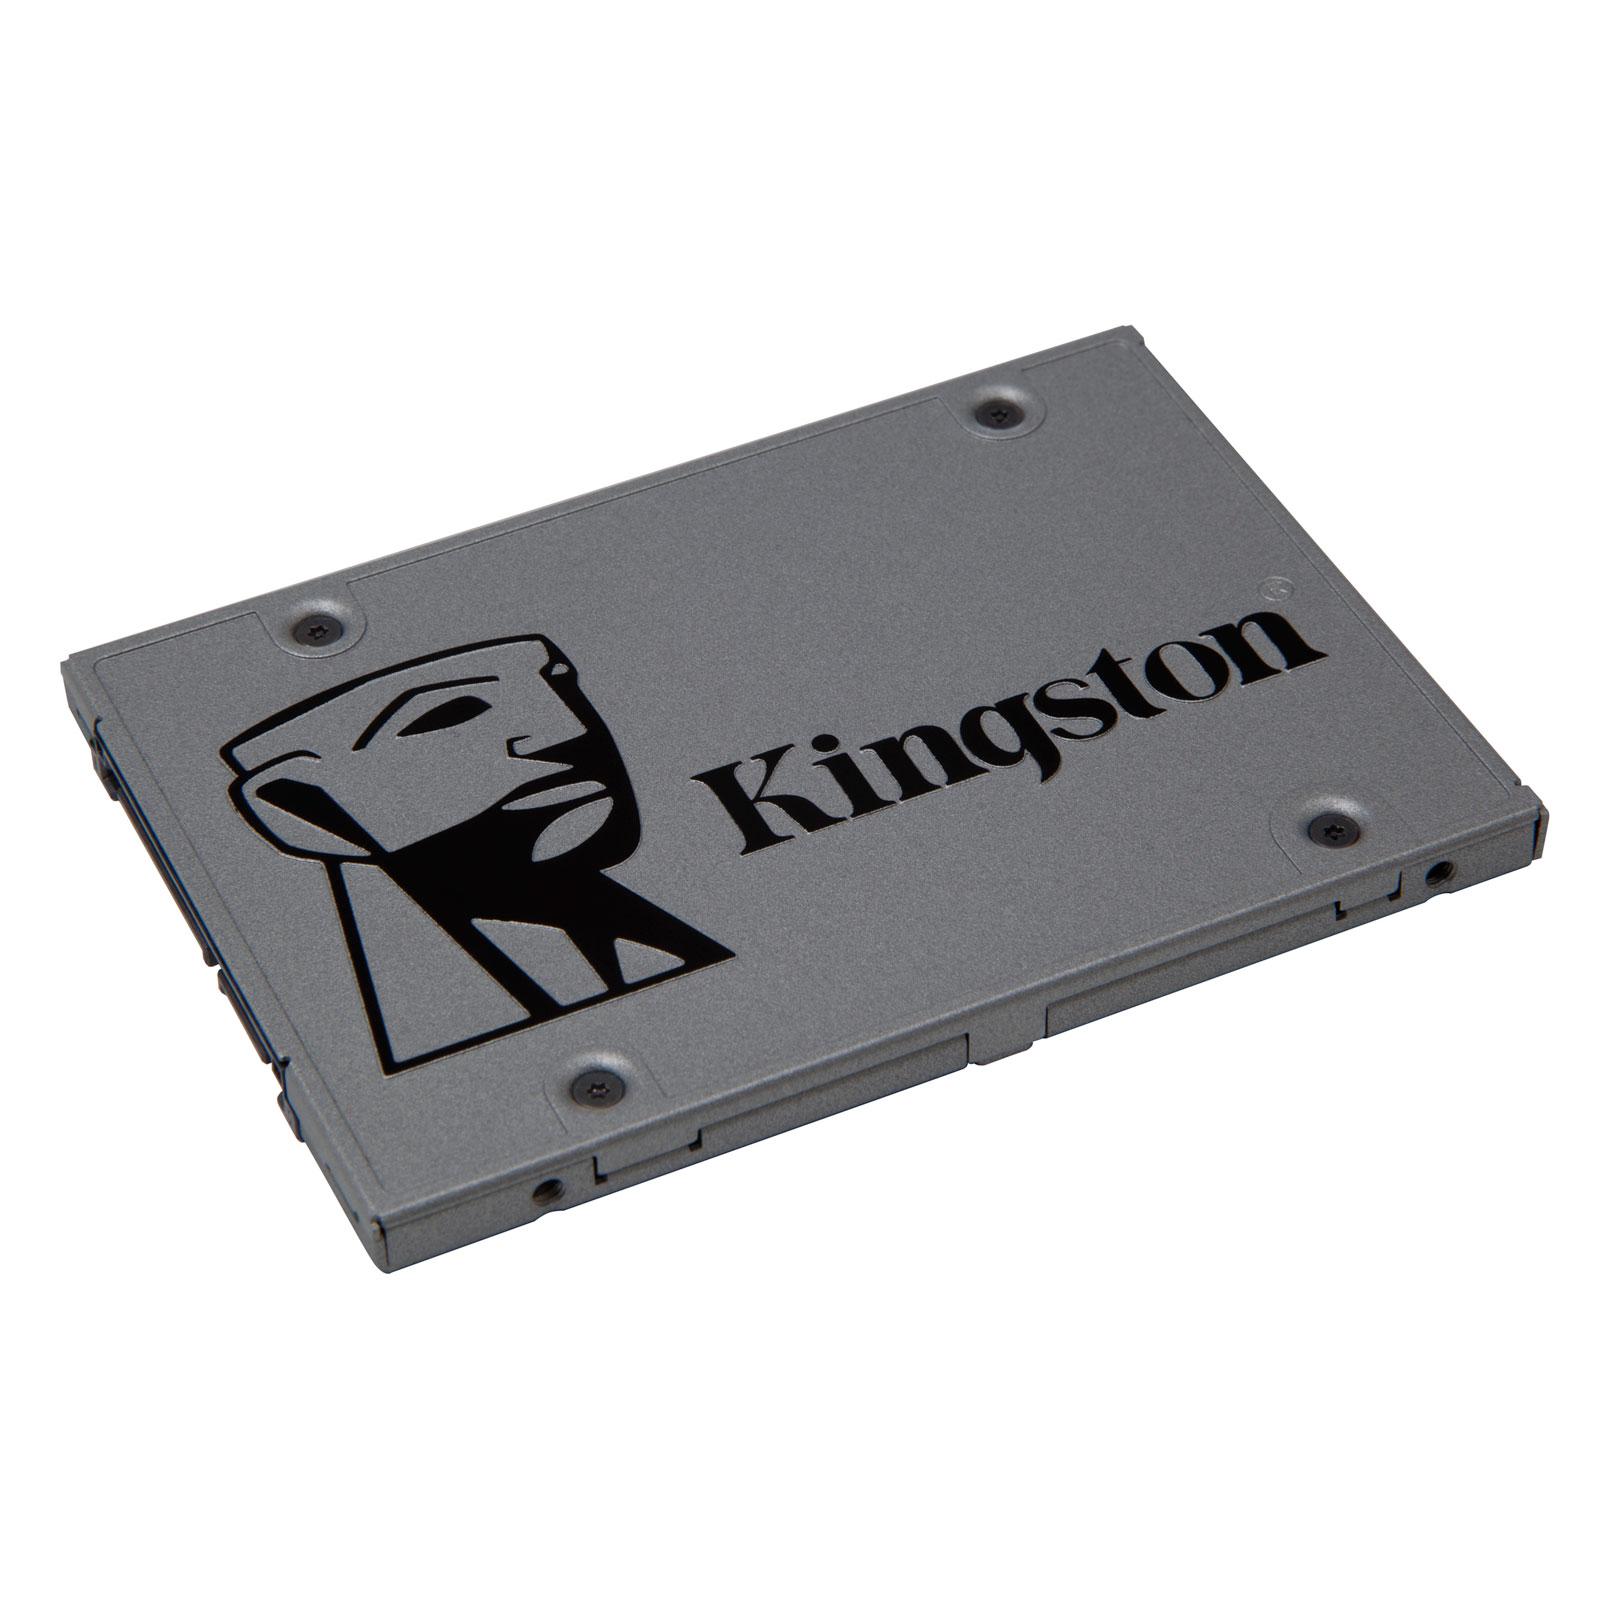 Kingston UV500 120-128Go - Disque SSD Kingston - Cybertek.fr - 0